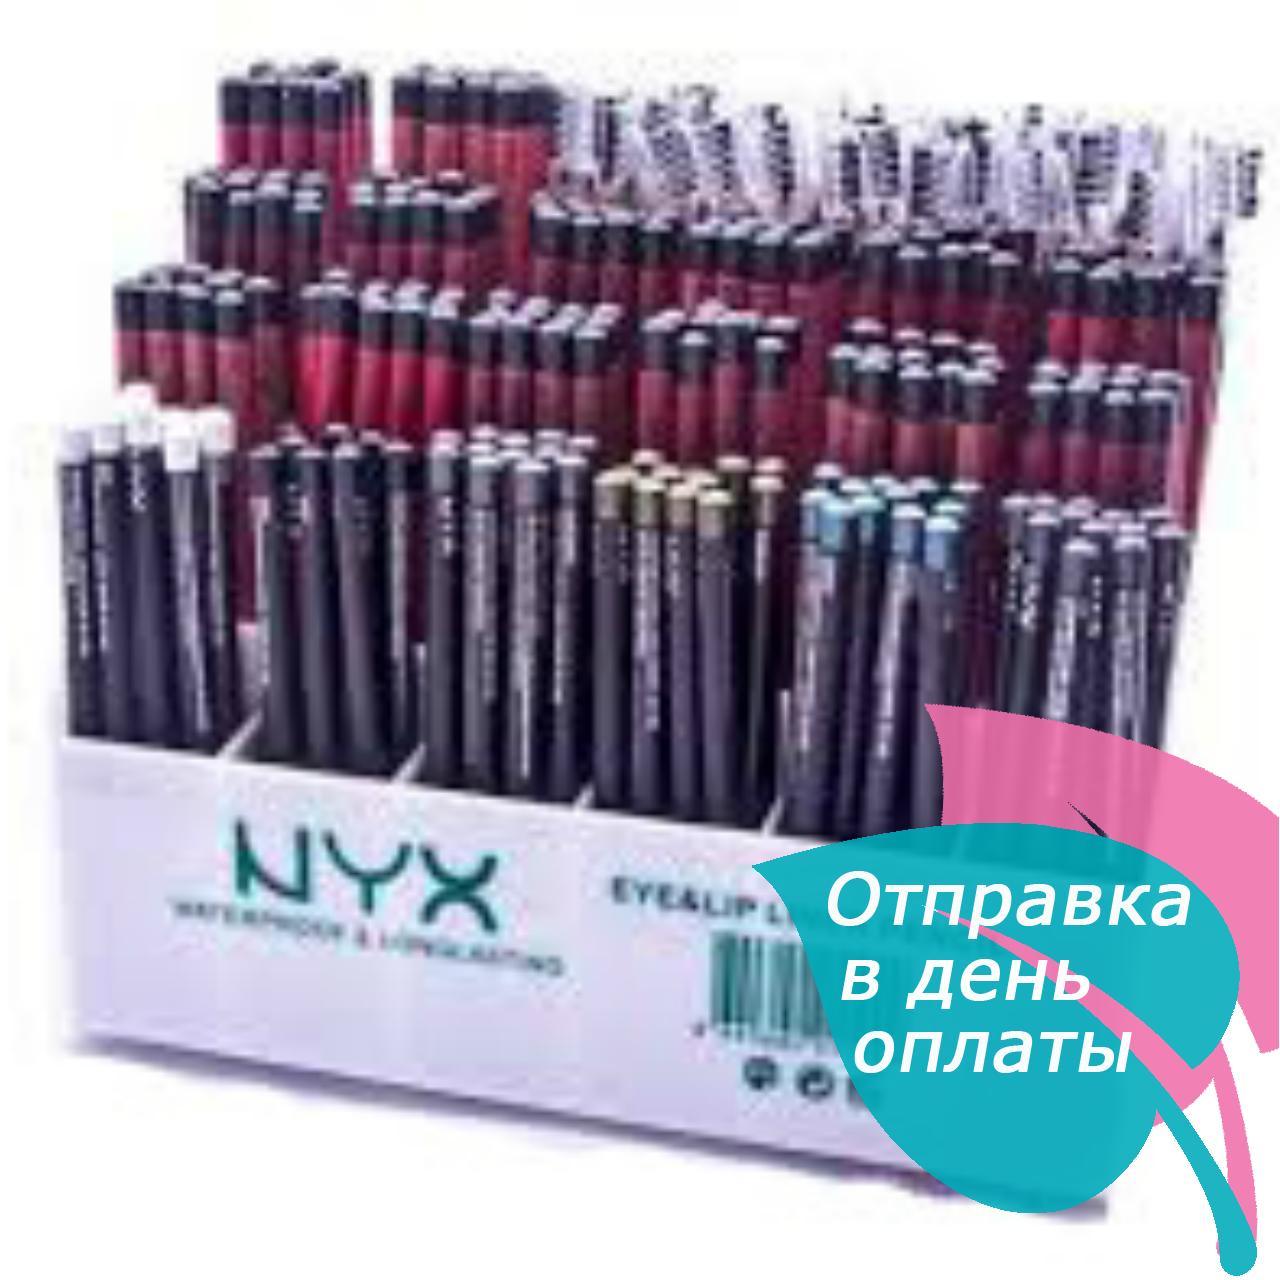 Набор карандашей NYX waterproof longlasting eye&lip liner pencil